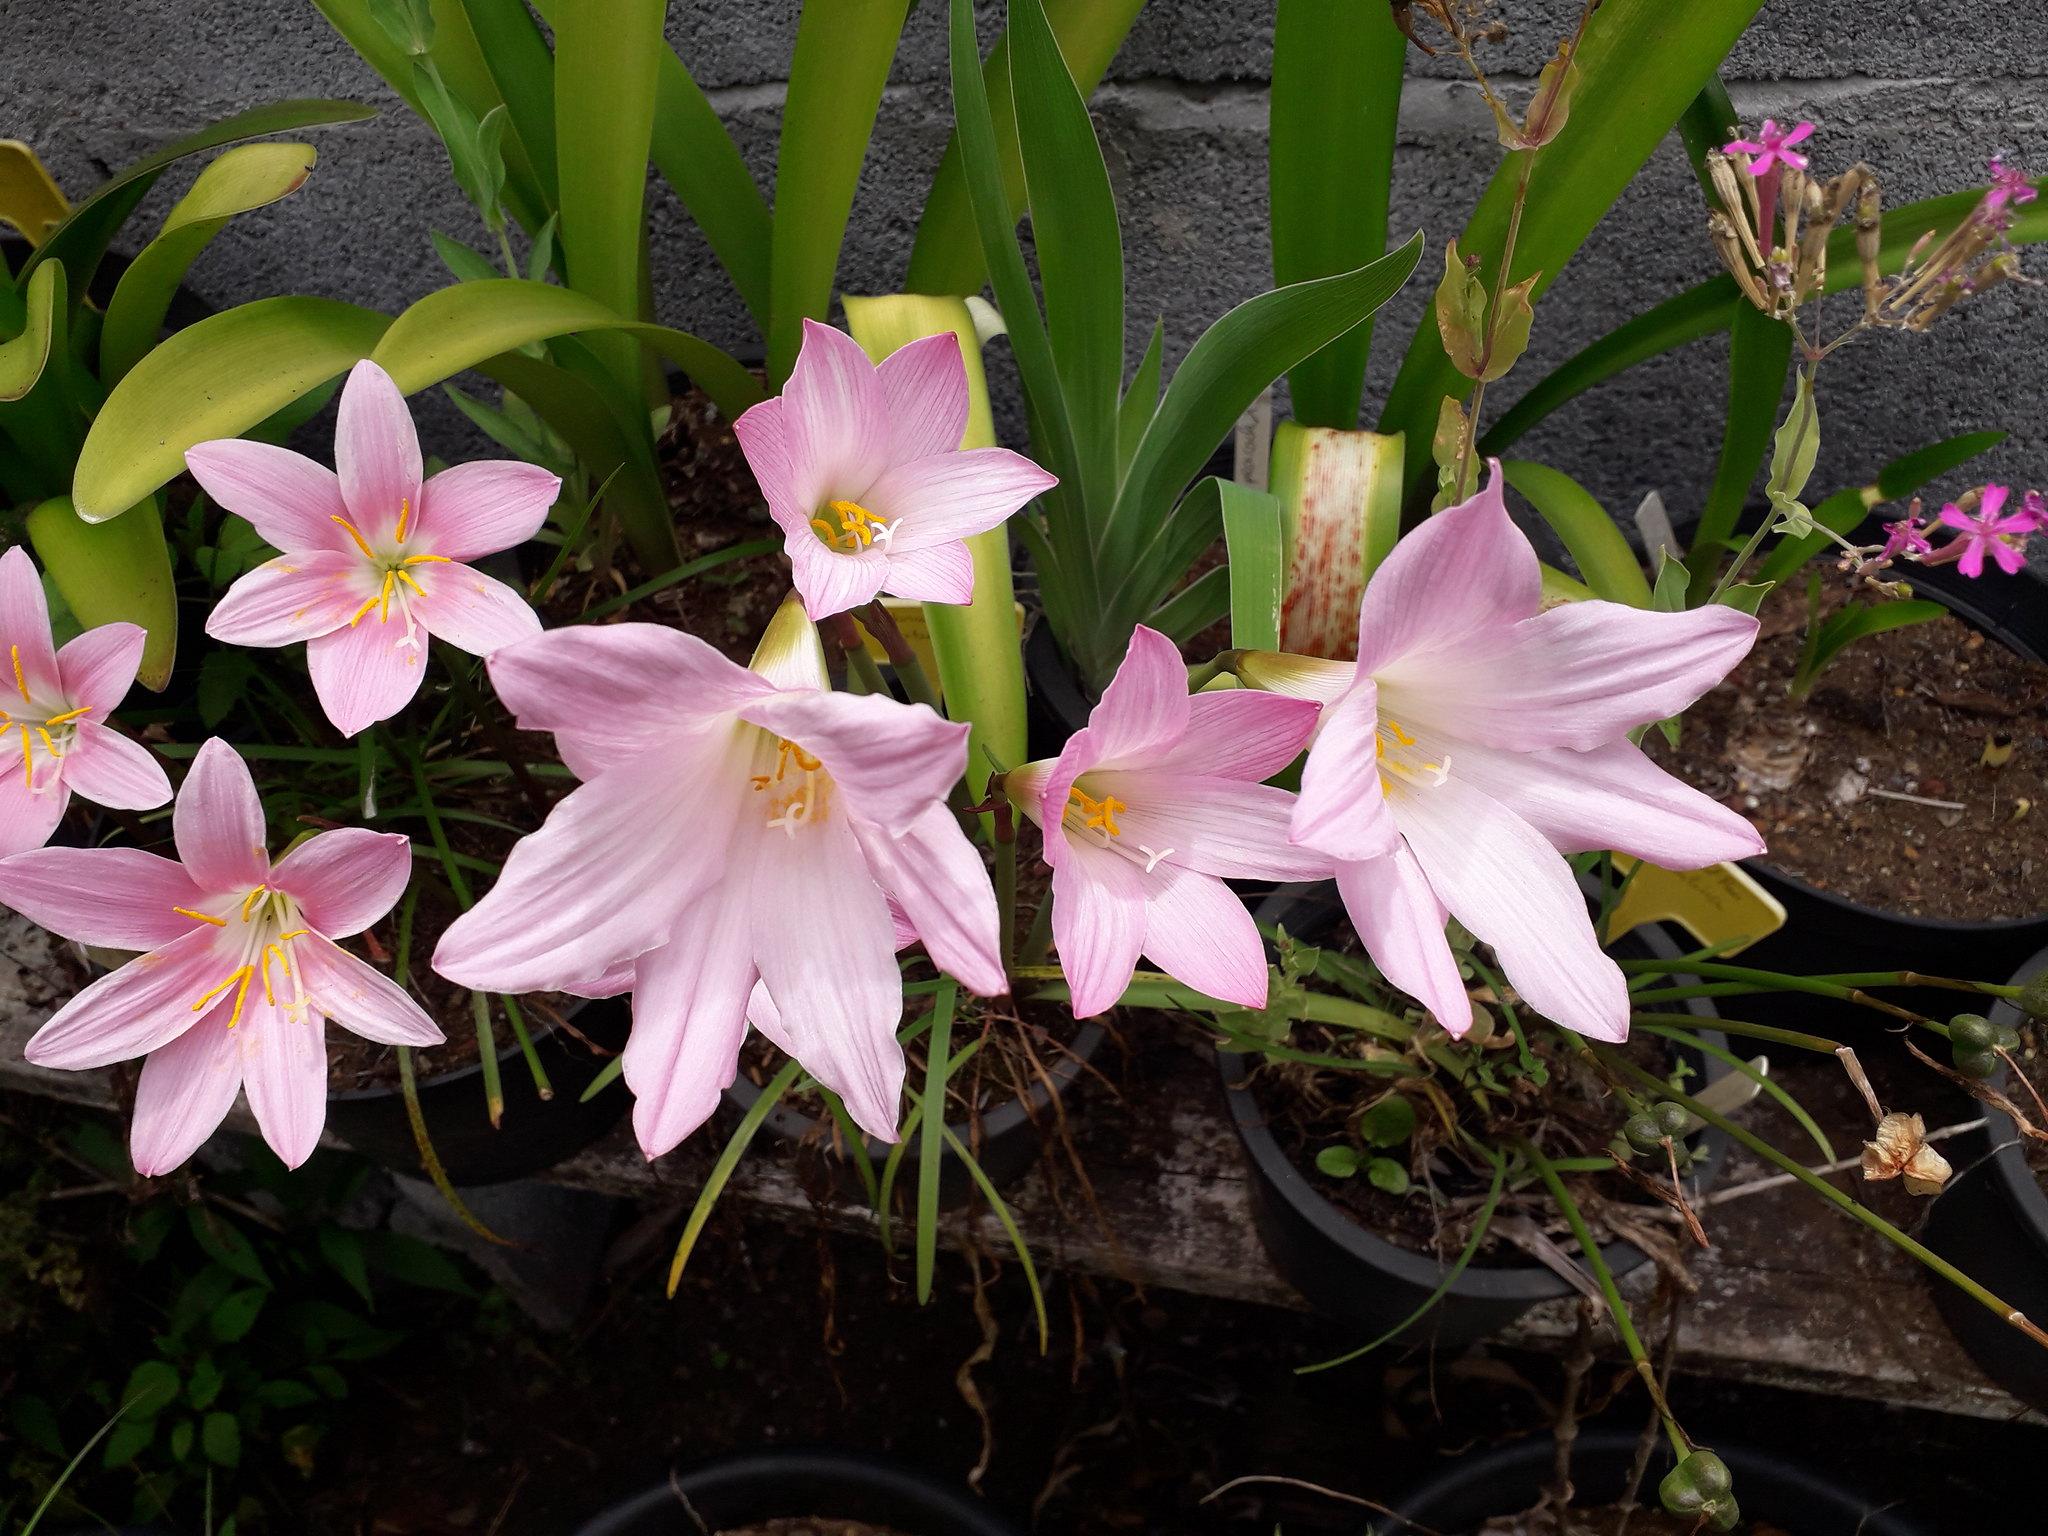 Quelques floraisons du jardin... 50717778513_4022de3f60_k